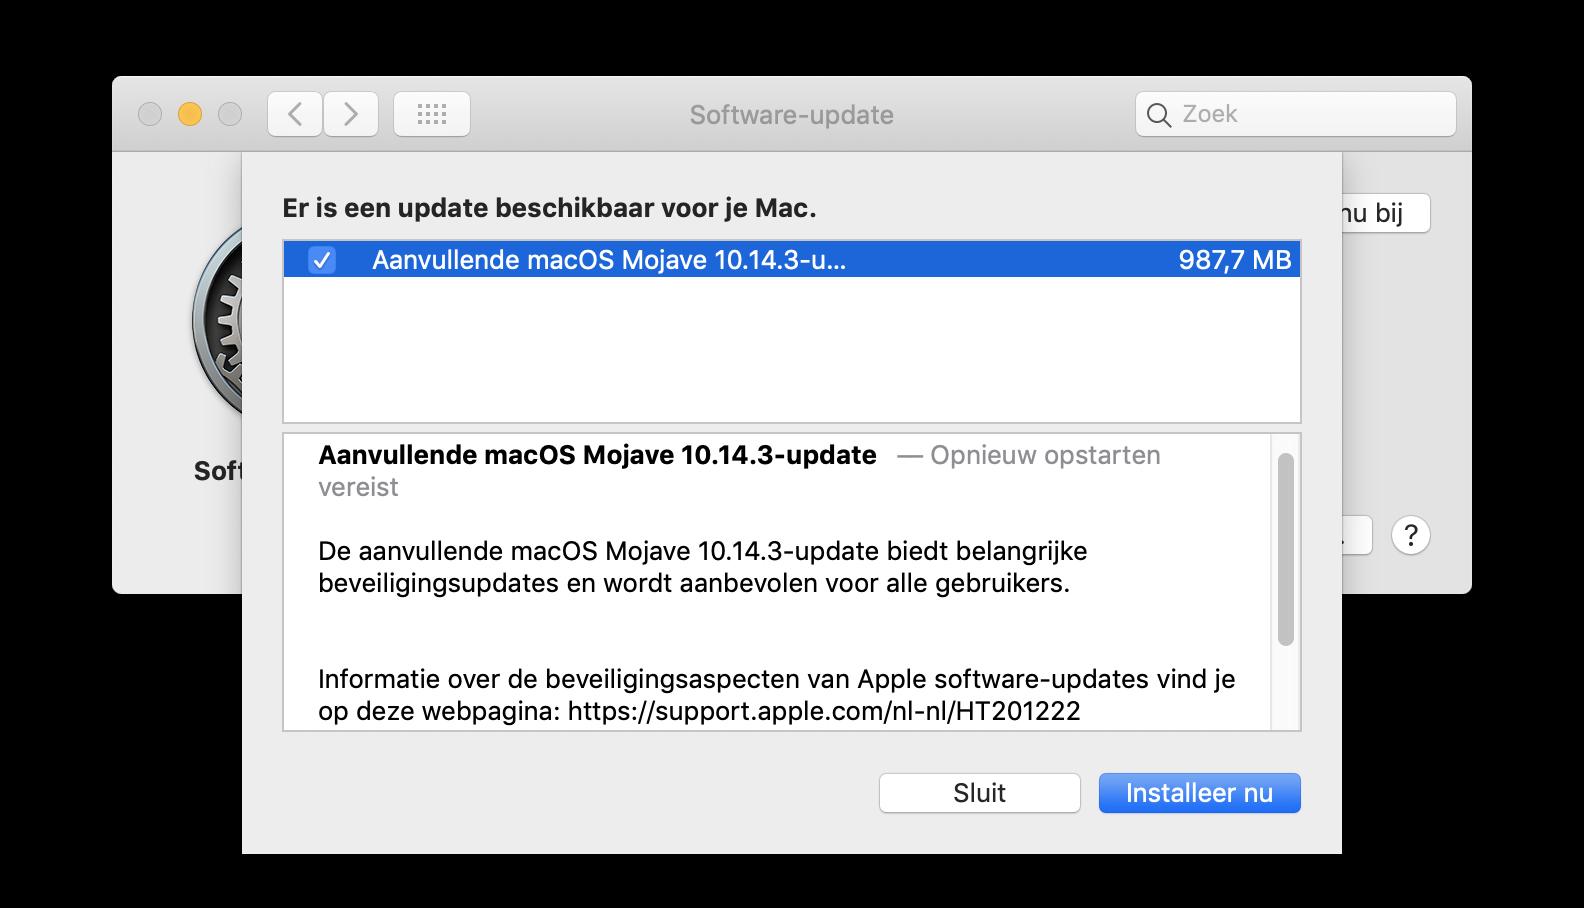 https://www.macfreak.nl/modules/news/images/zArt.macOS-MojaveAanvullende10.14.3Update.png